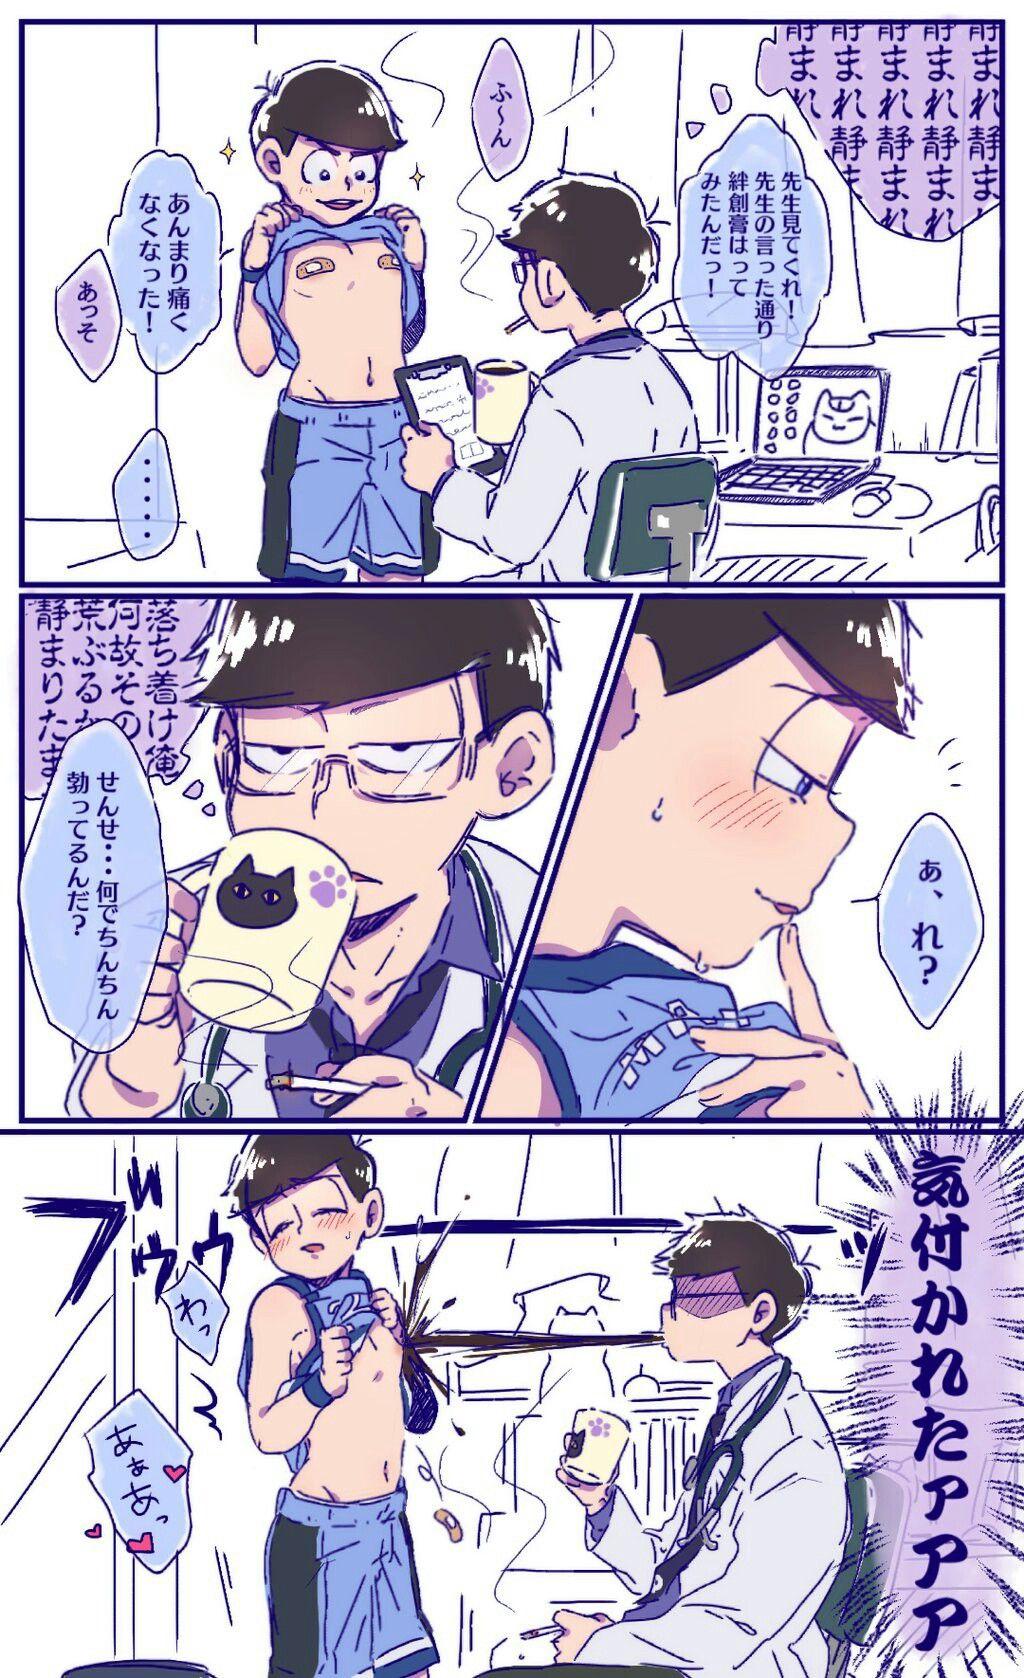 カラ松 一松 アニメ少年 カラ松 可愛い おそ松さんイラスト